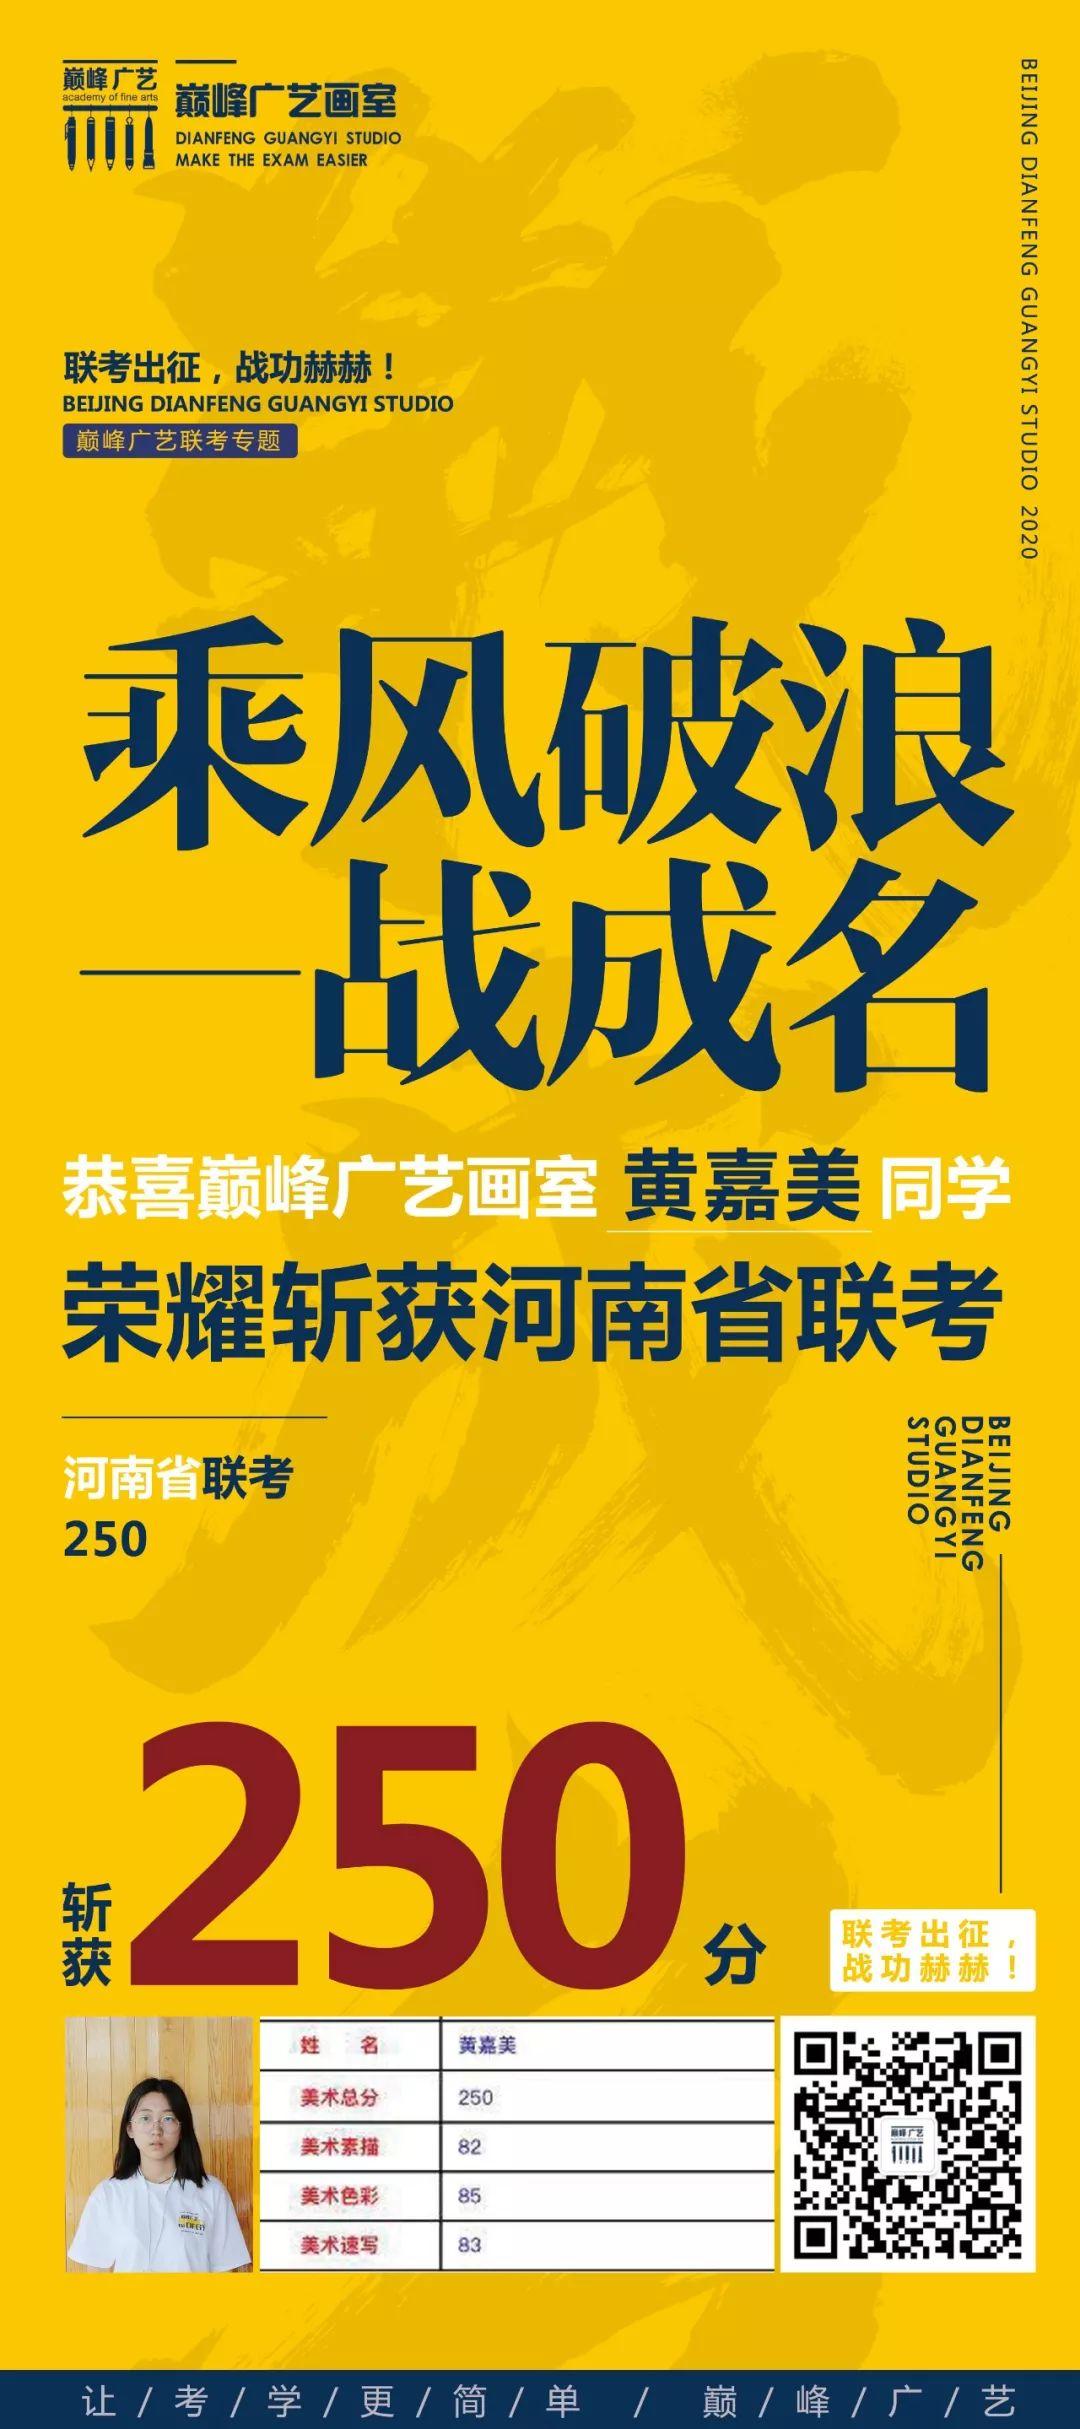 斩获285分!【联考战绩展】巅峰广艺河南省联考战绩展         12